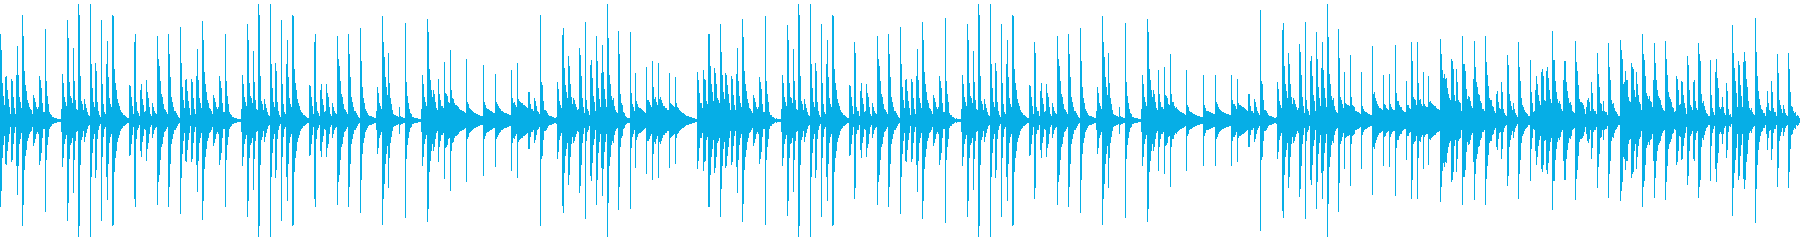 ほのぼの系BGM(ループ)の再生済みの波形